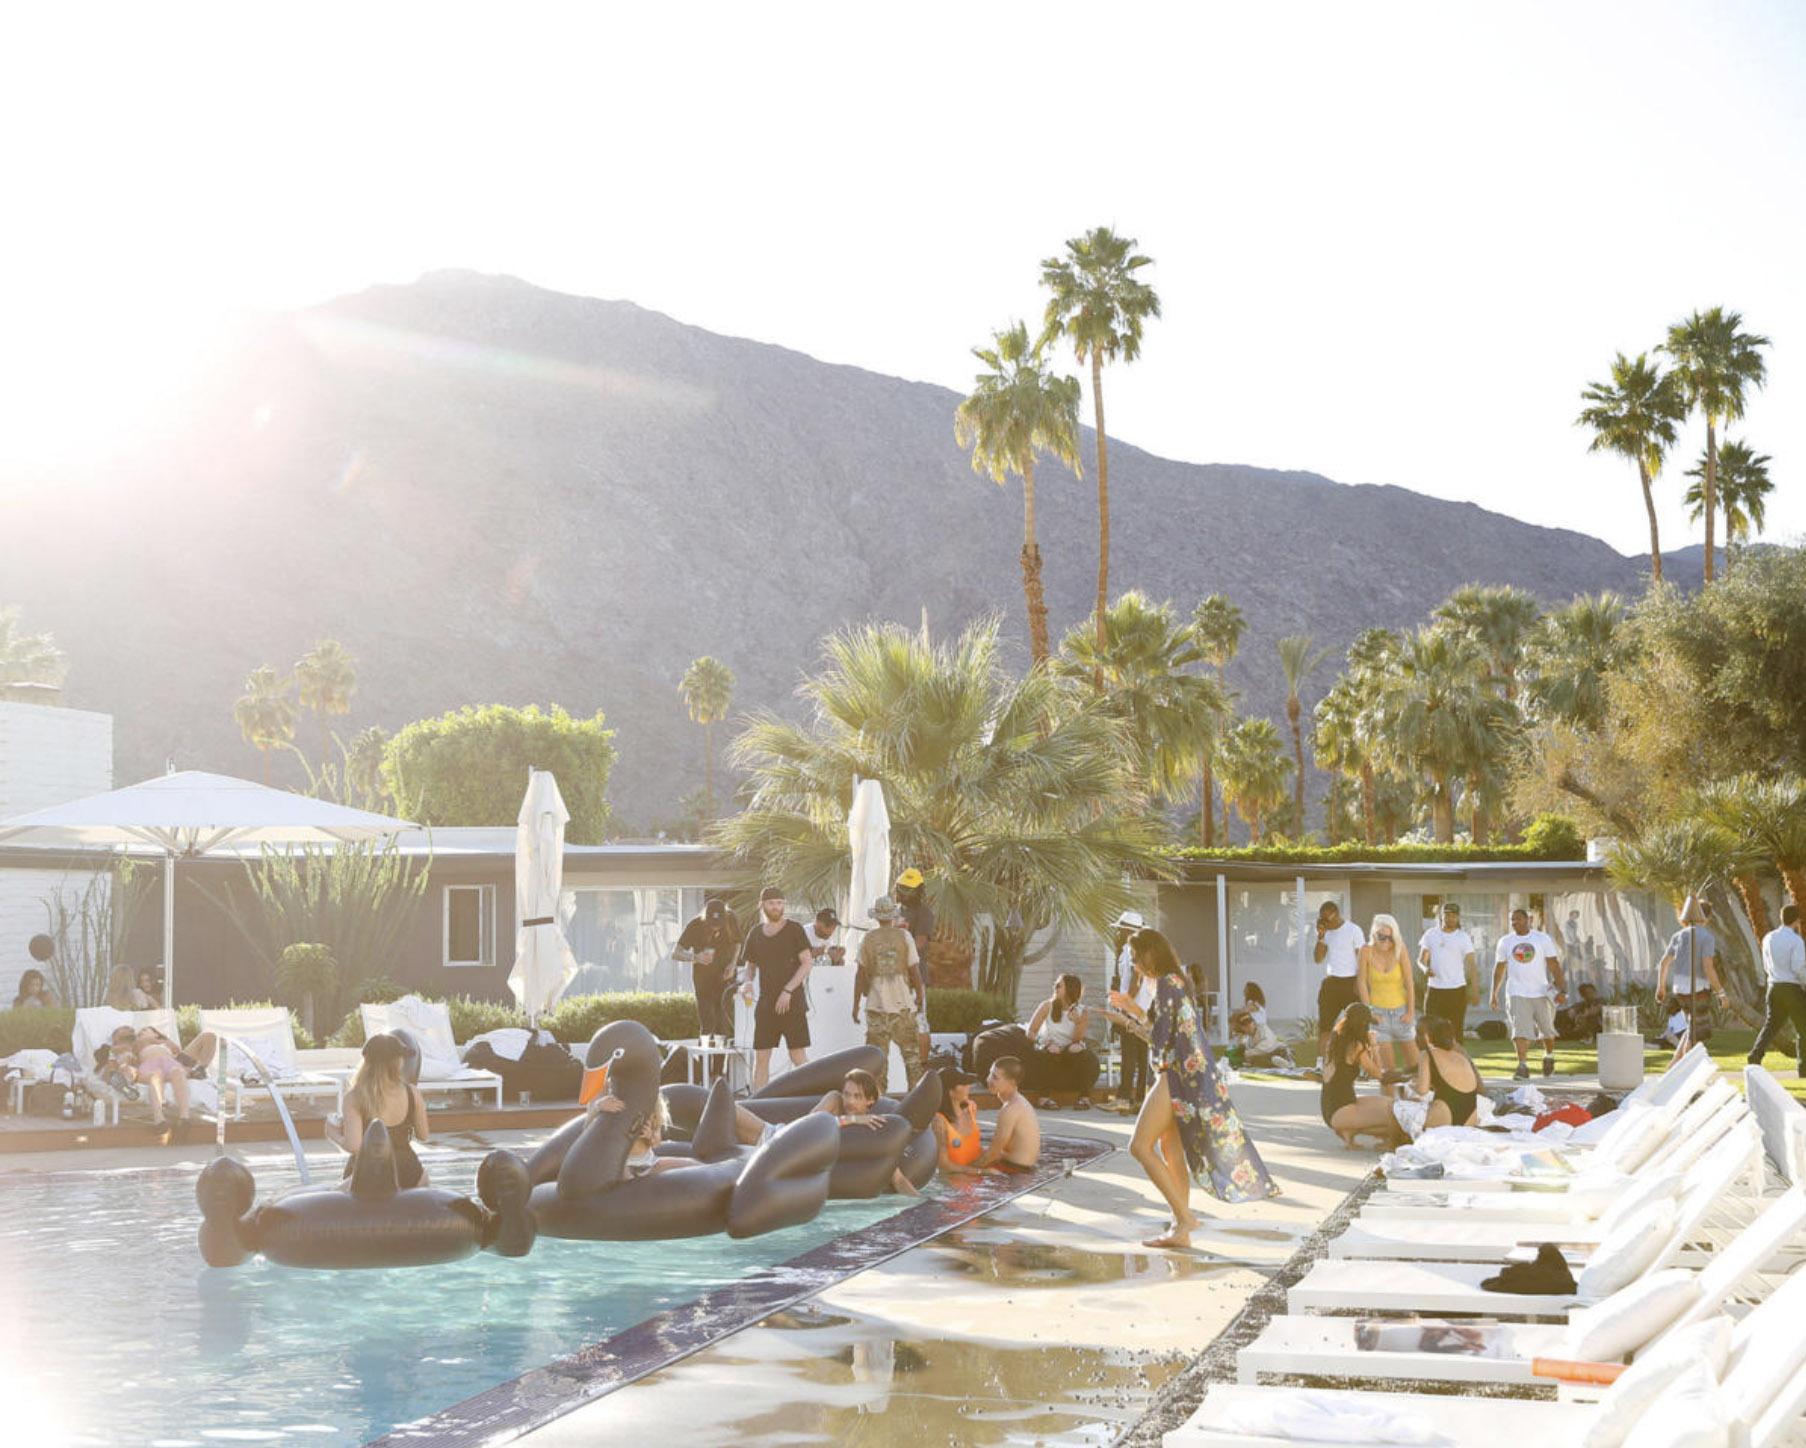 CK x Coachella